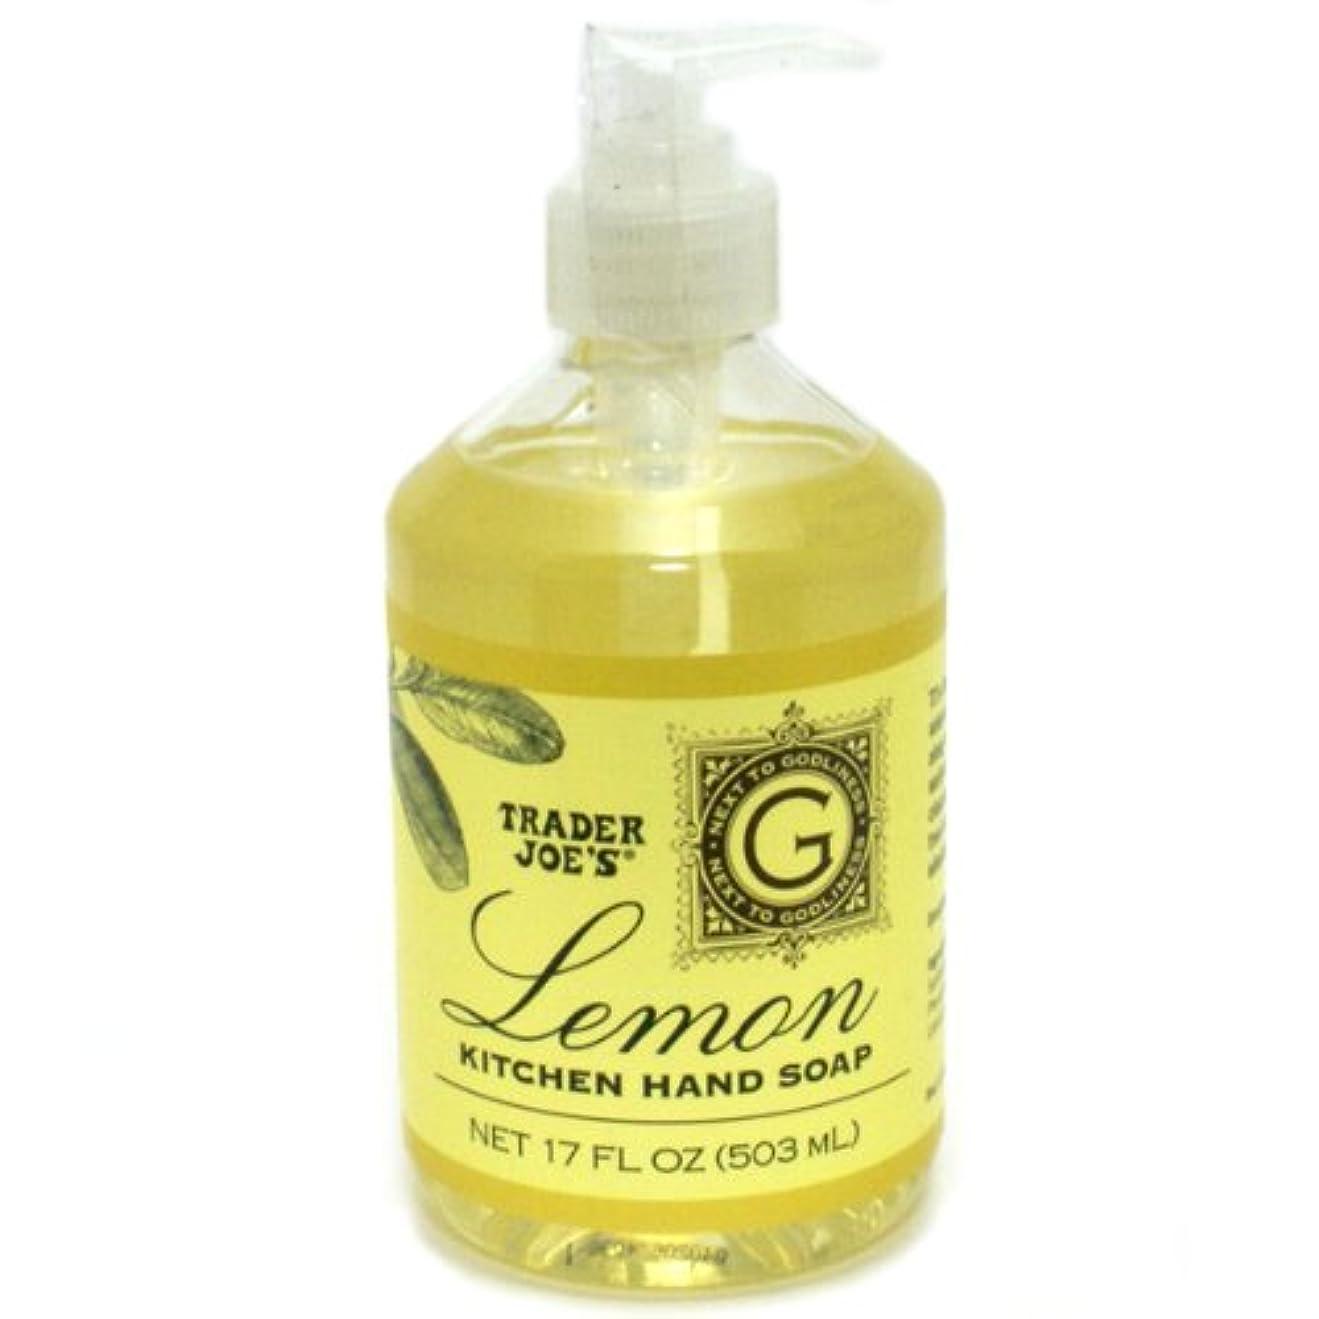 合図ペンダントシエスタTrader Joe's トレーダージョーズ KITCHEN HAND SOAP Lemon レモン キッチンハンドソープ [並行輸入品]